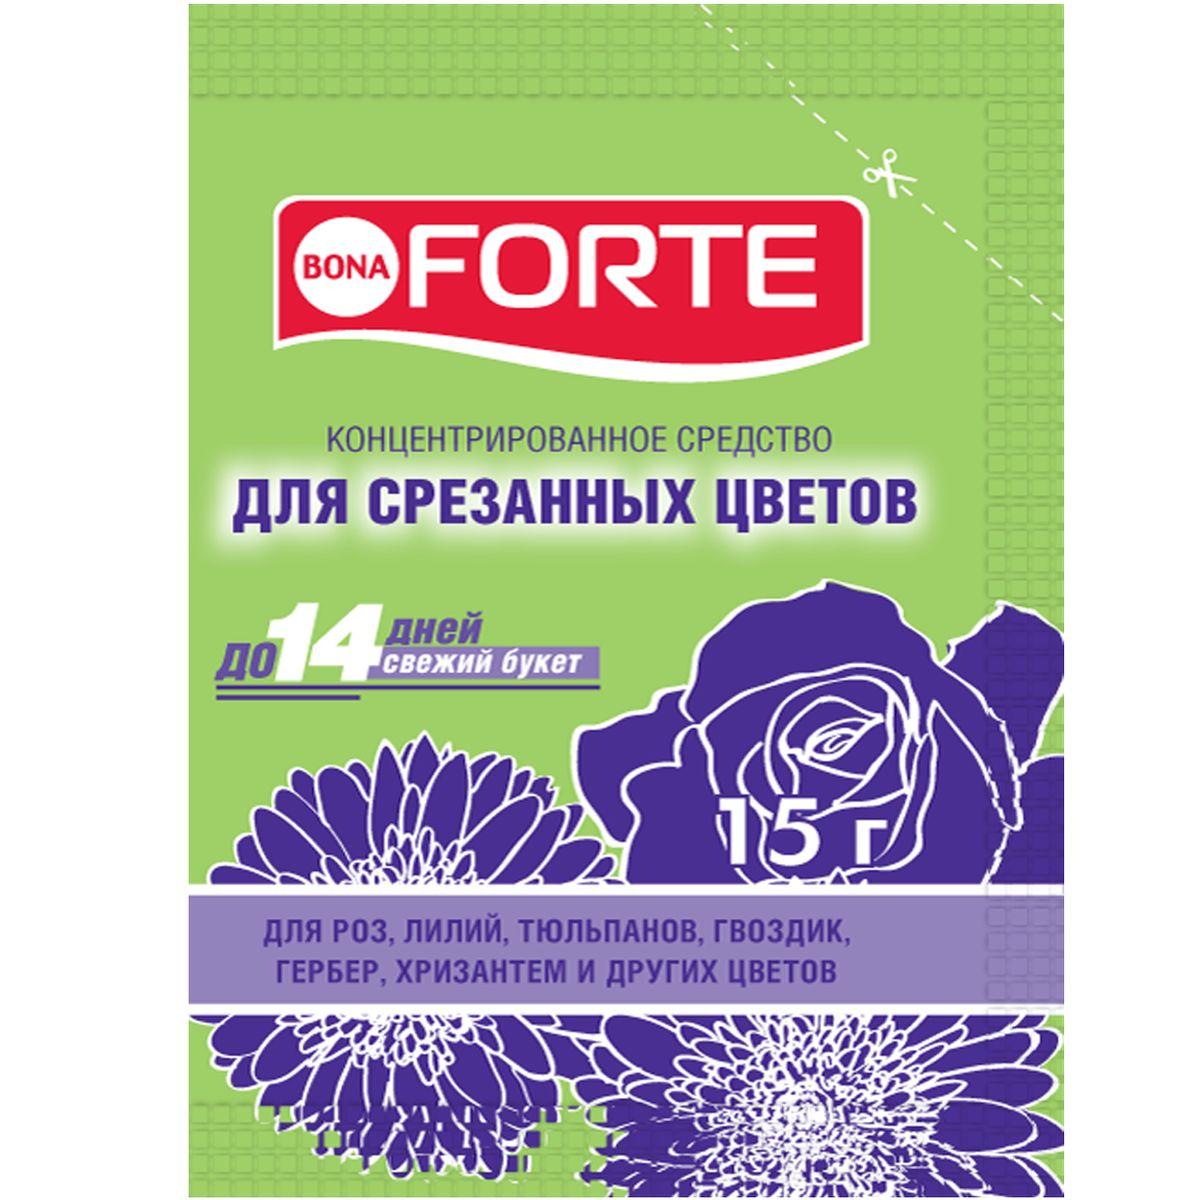 Средство для продления жизни срезанных цветов Bona Forte, 15 гBF-24-01-003-1Удобно при разовой покупке букета. Отлично подходит как дополнение к букету.